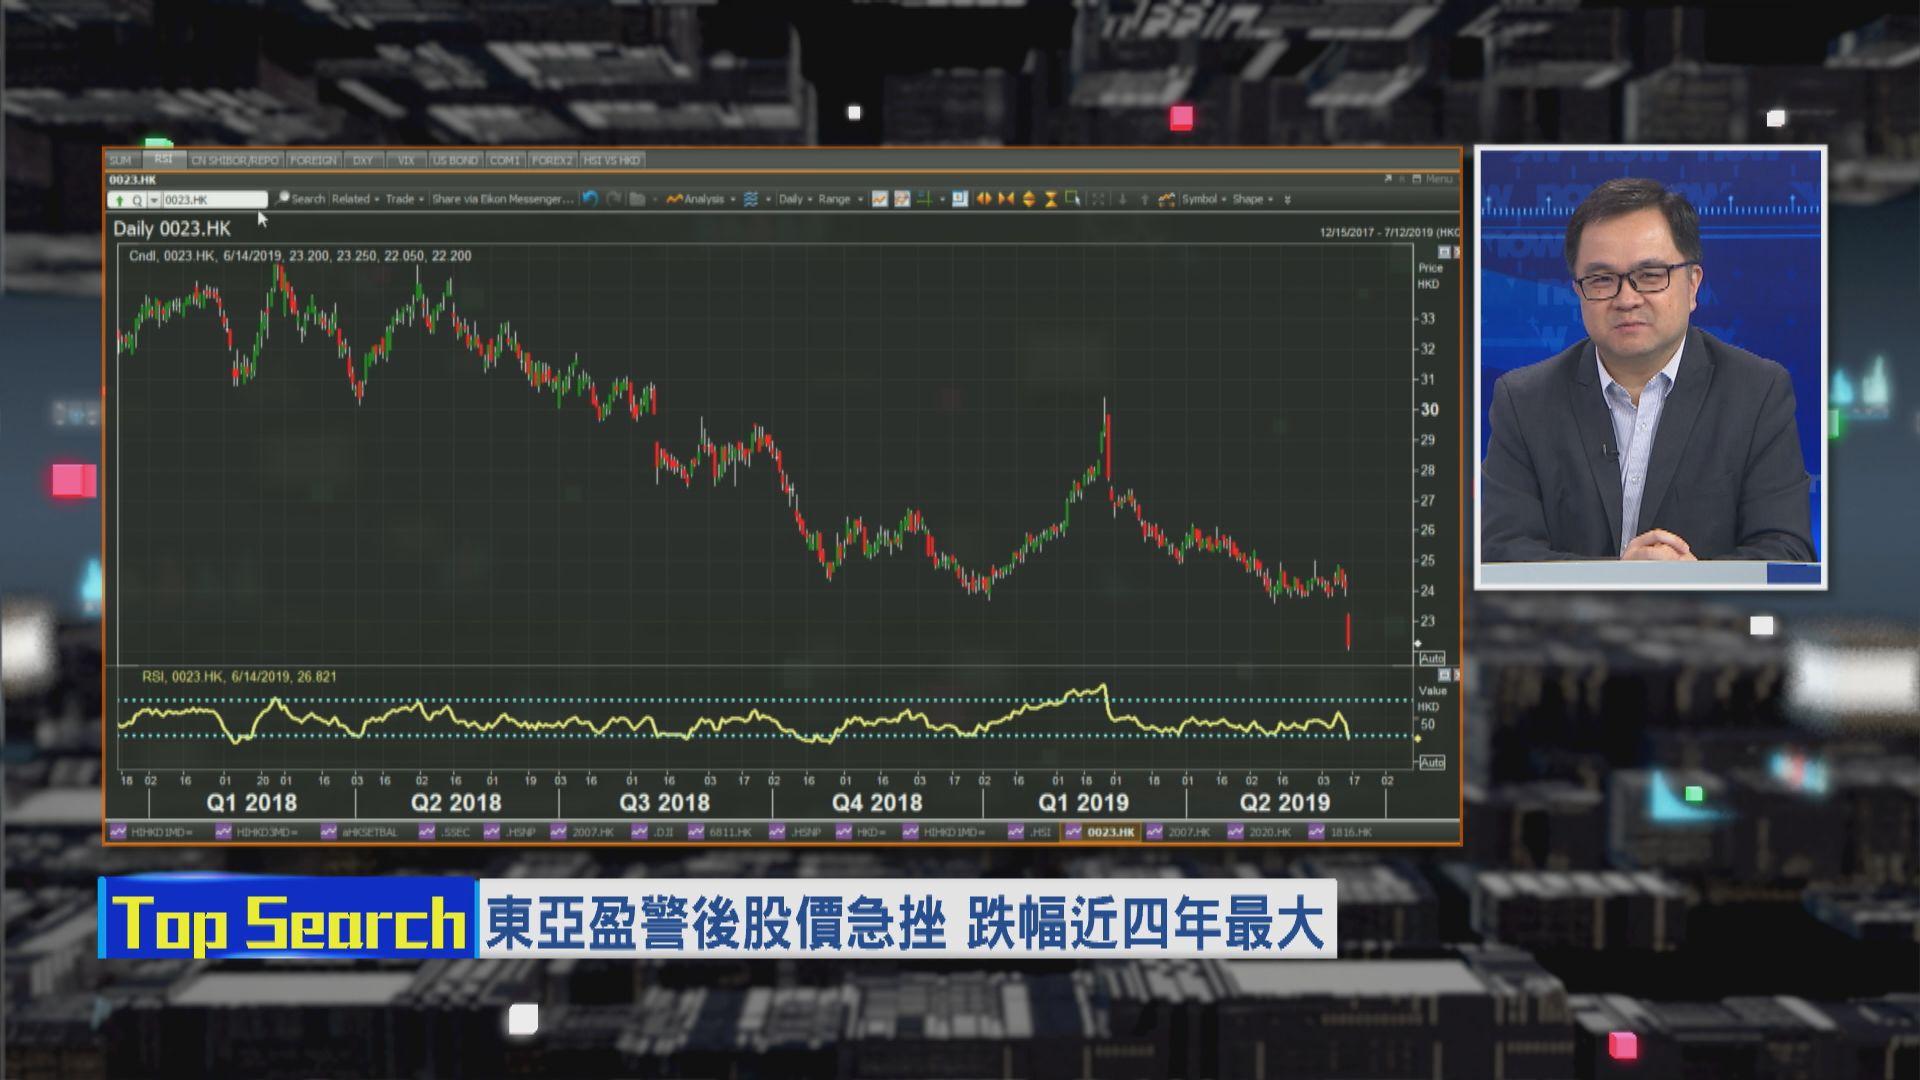 財經TOP SEARCH